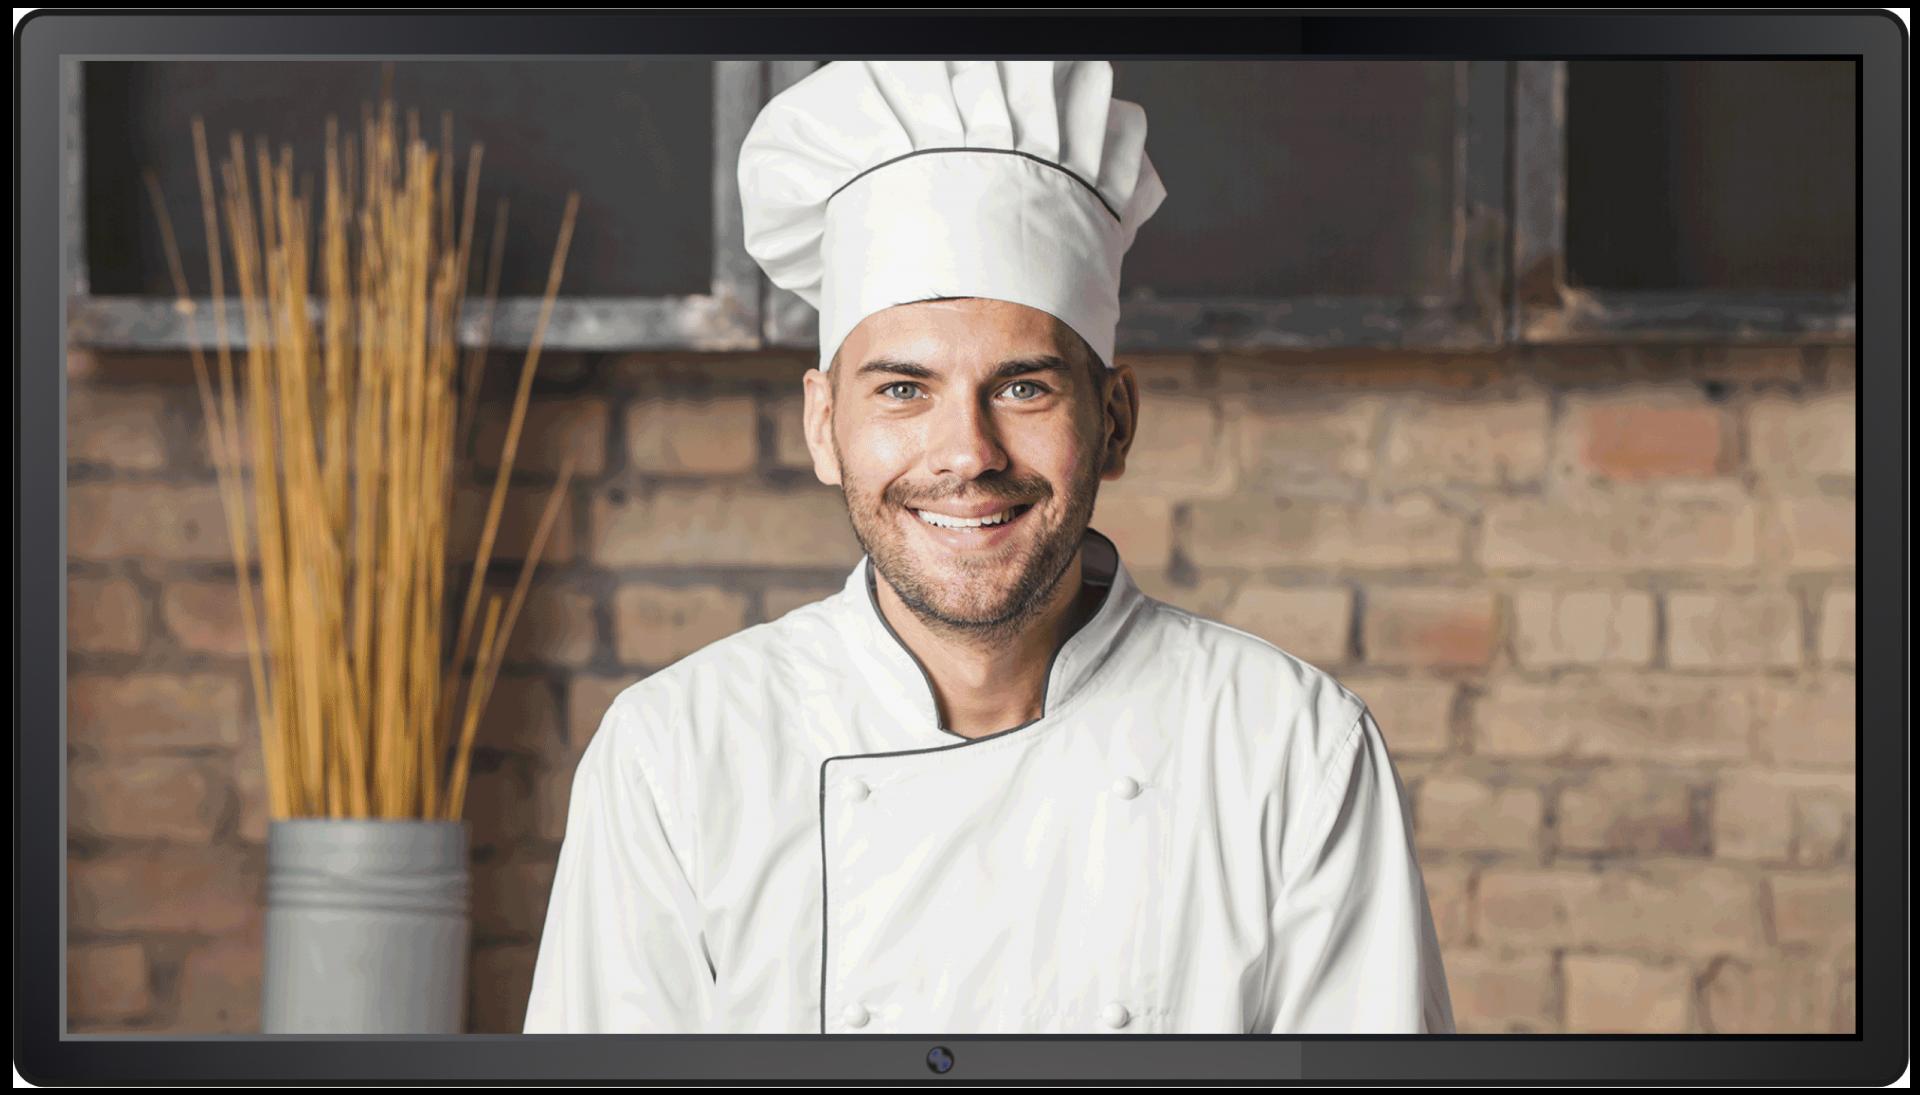 ecran publicitaire boulangerie